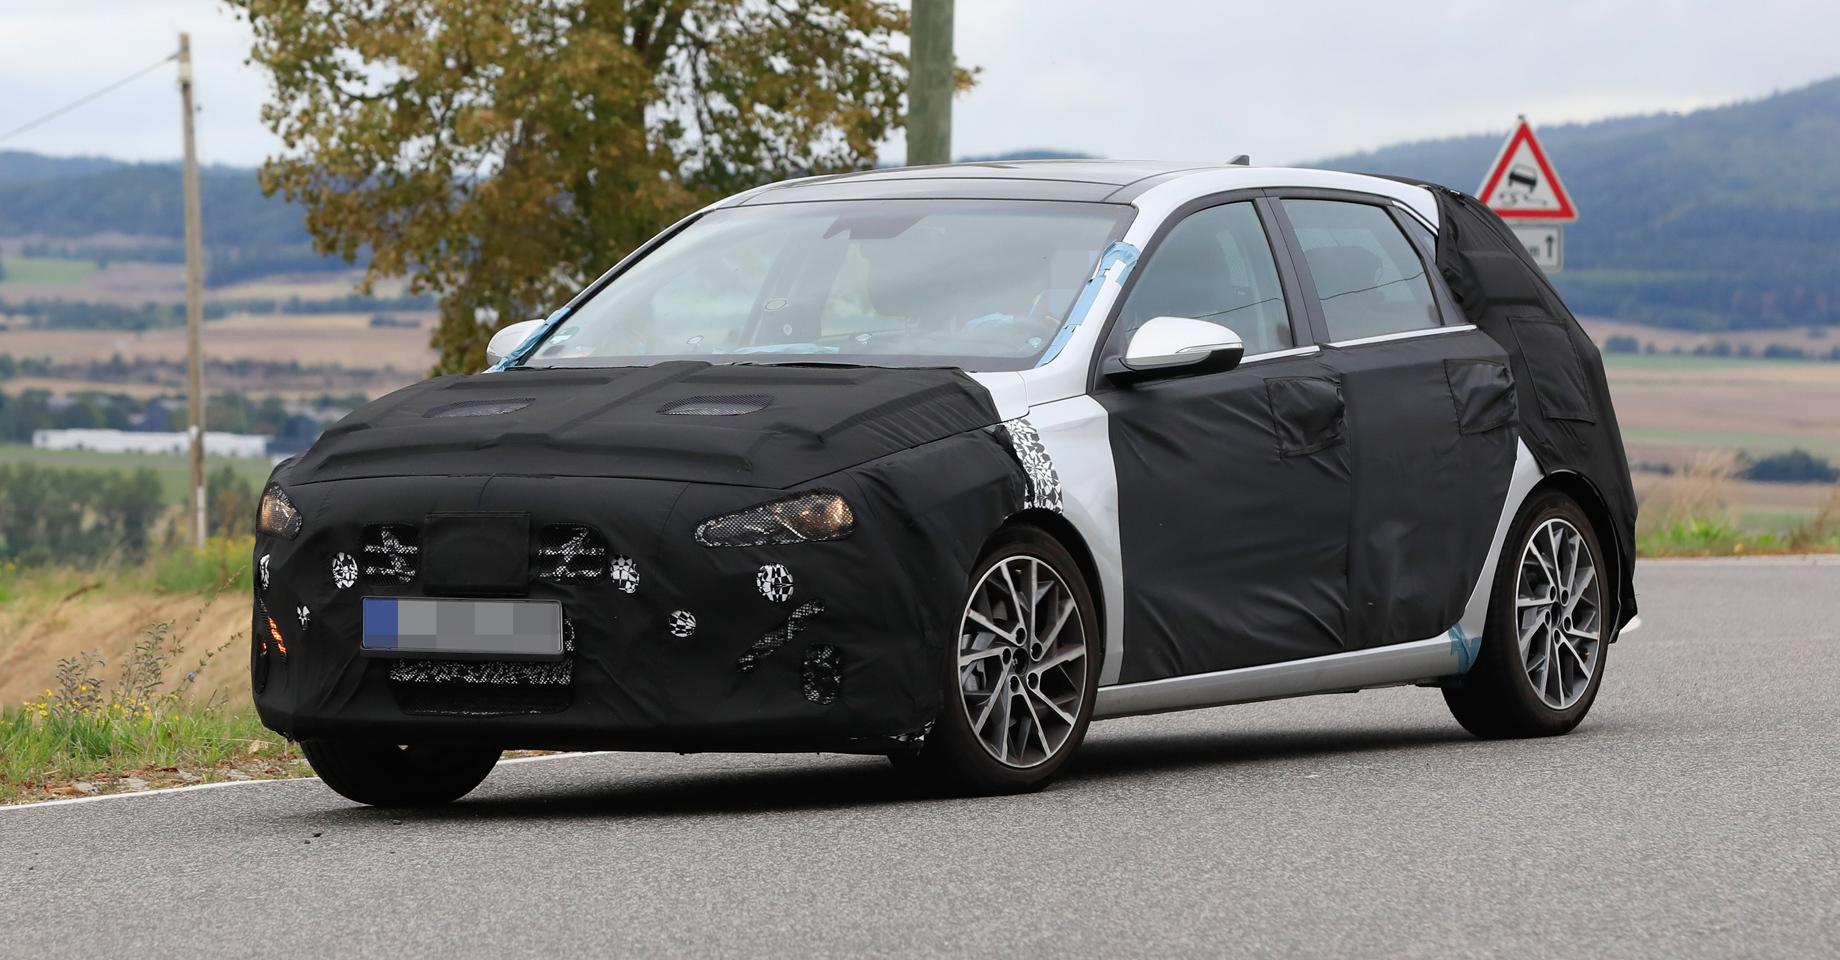 Хэтчбек Hyundai i30 приоткрылся наофициальном снимке